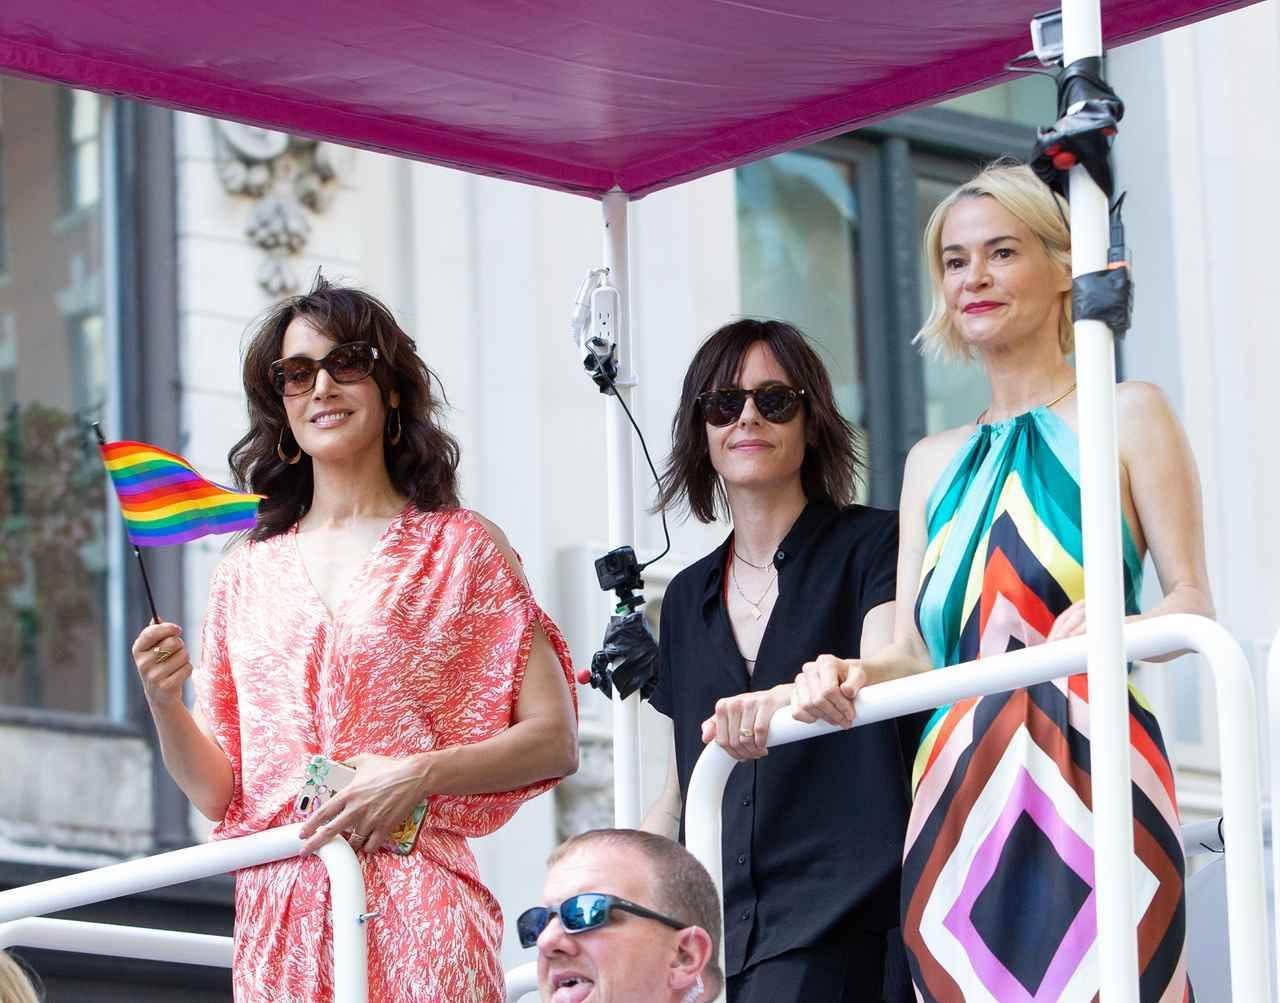 画像: ドラマ『Lの世界』のジェニファー・ビールス、キャサリン・メーニッヒ、レイシャ・ヘイリー。